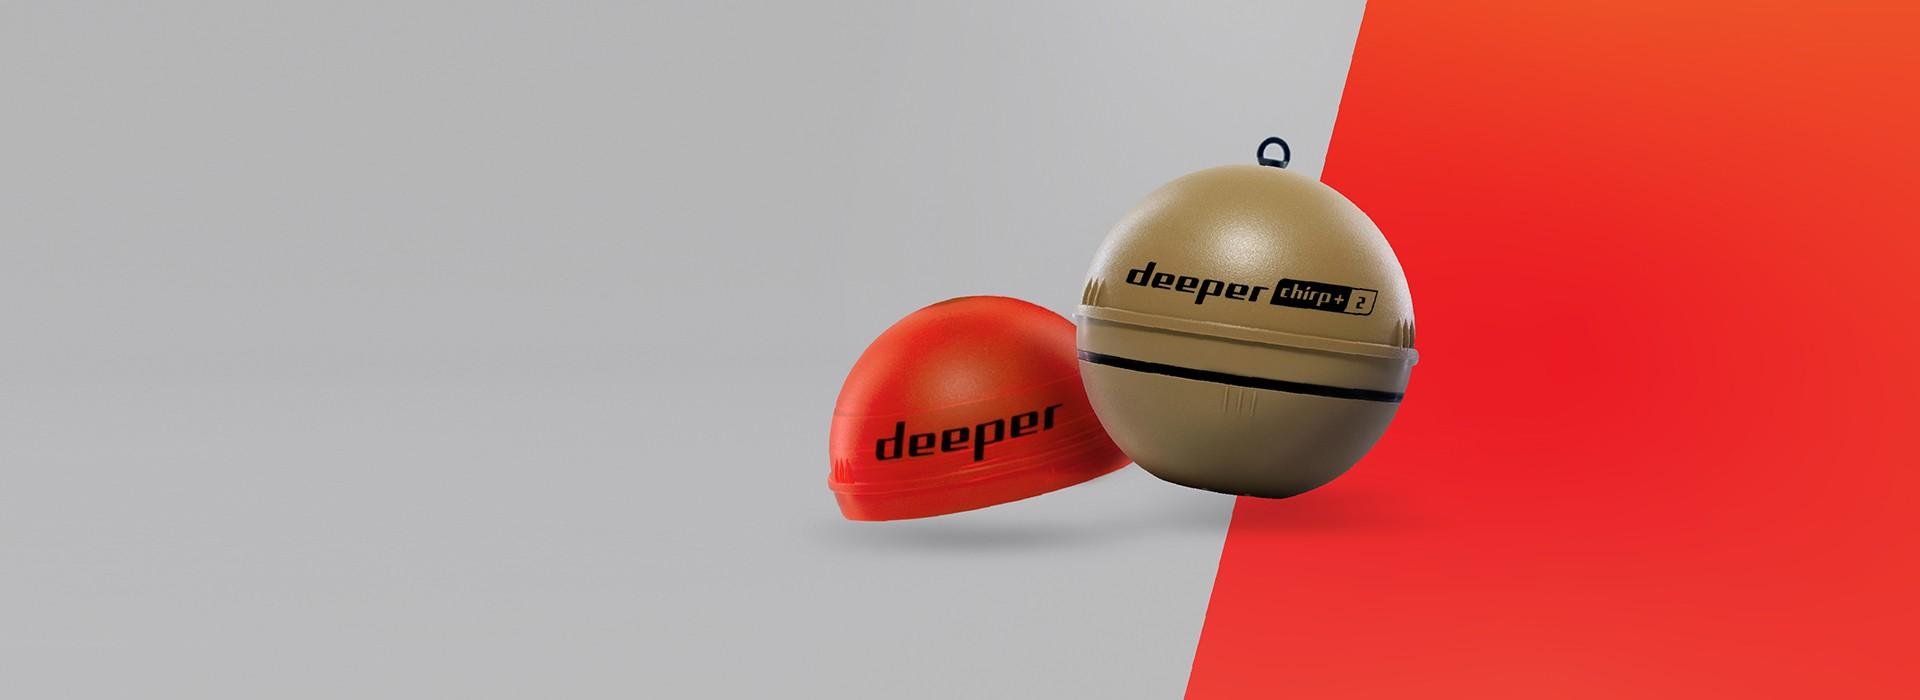 Yeni Deeper CHIRP + 2 ile tanışın! Bugüne kadar yaptığımız en güçlü sonar. Şimdilik.